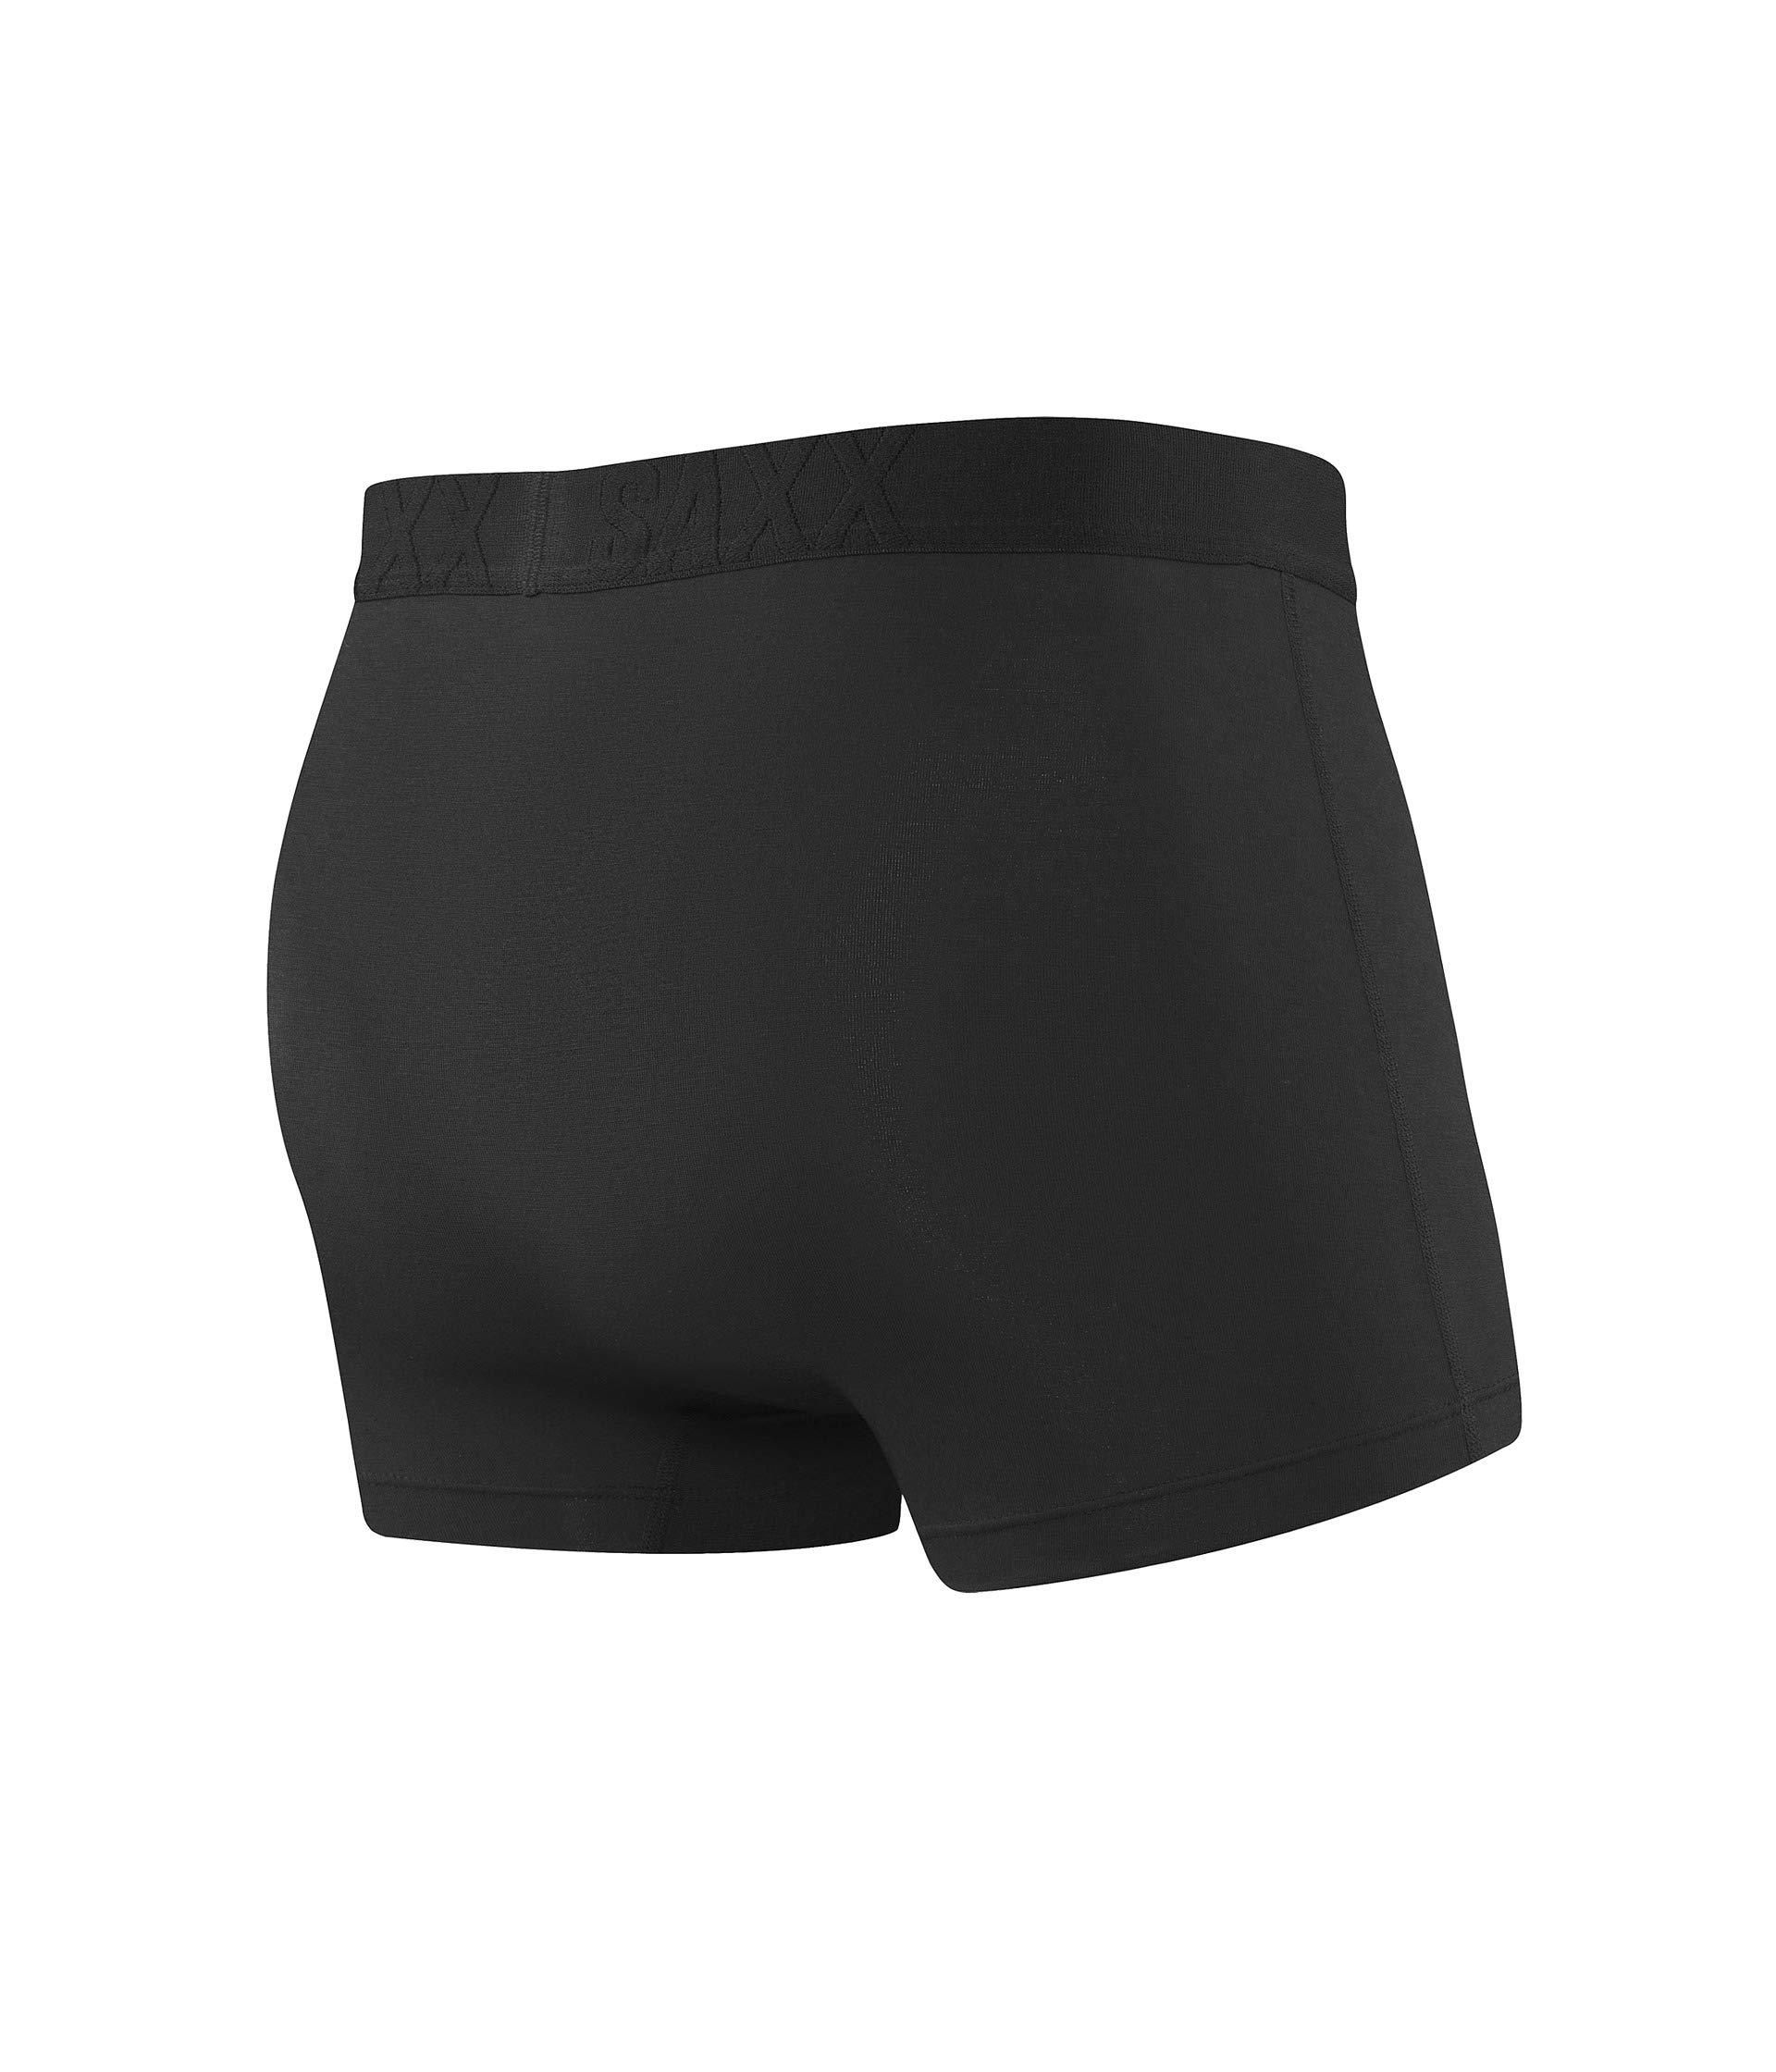 Saxx Saxx Underwear Trunk Black Underwear Undercover gTzTWqn8O